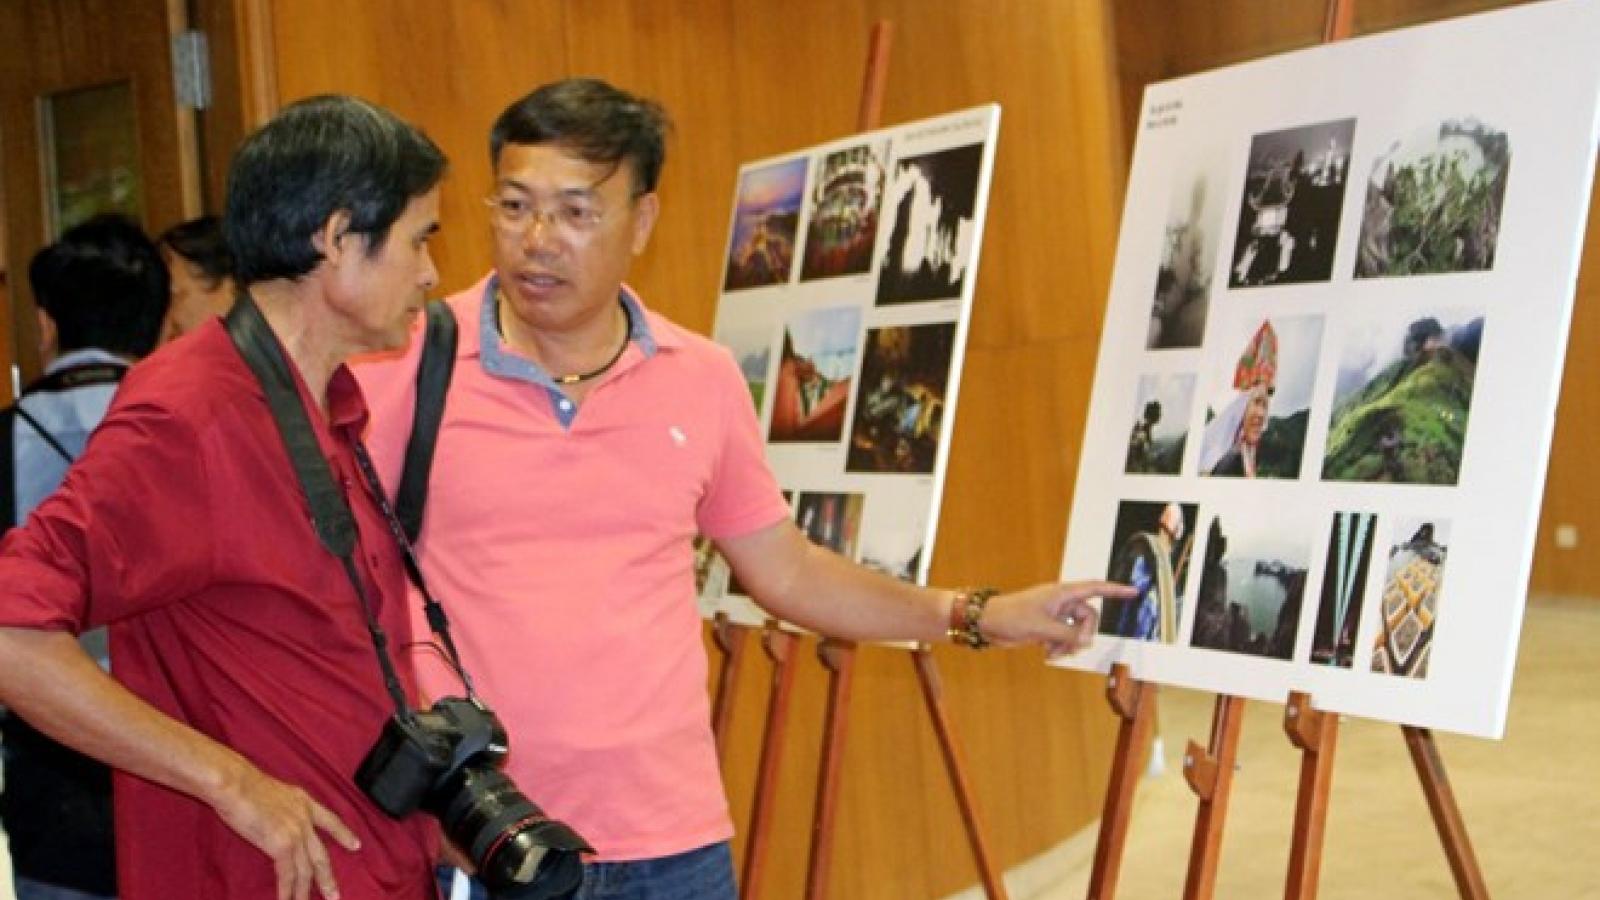 200 photos featuring Quang Ninh tourism on display